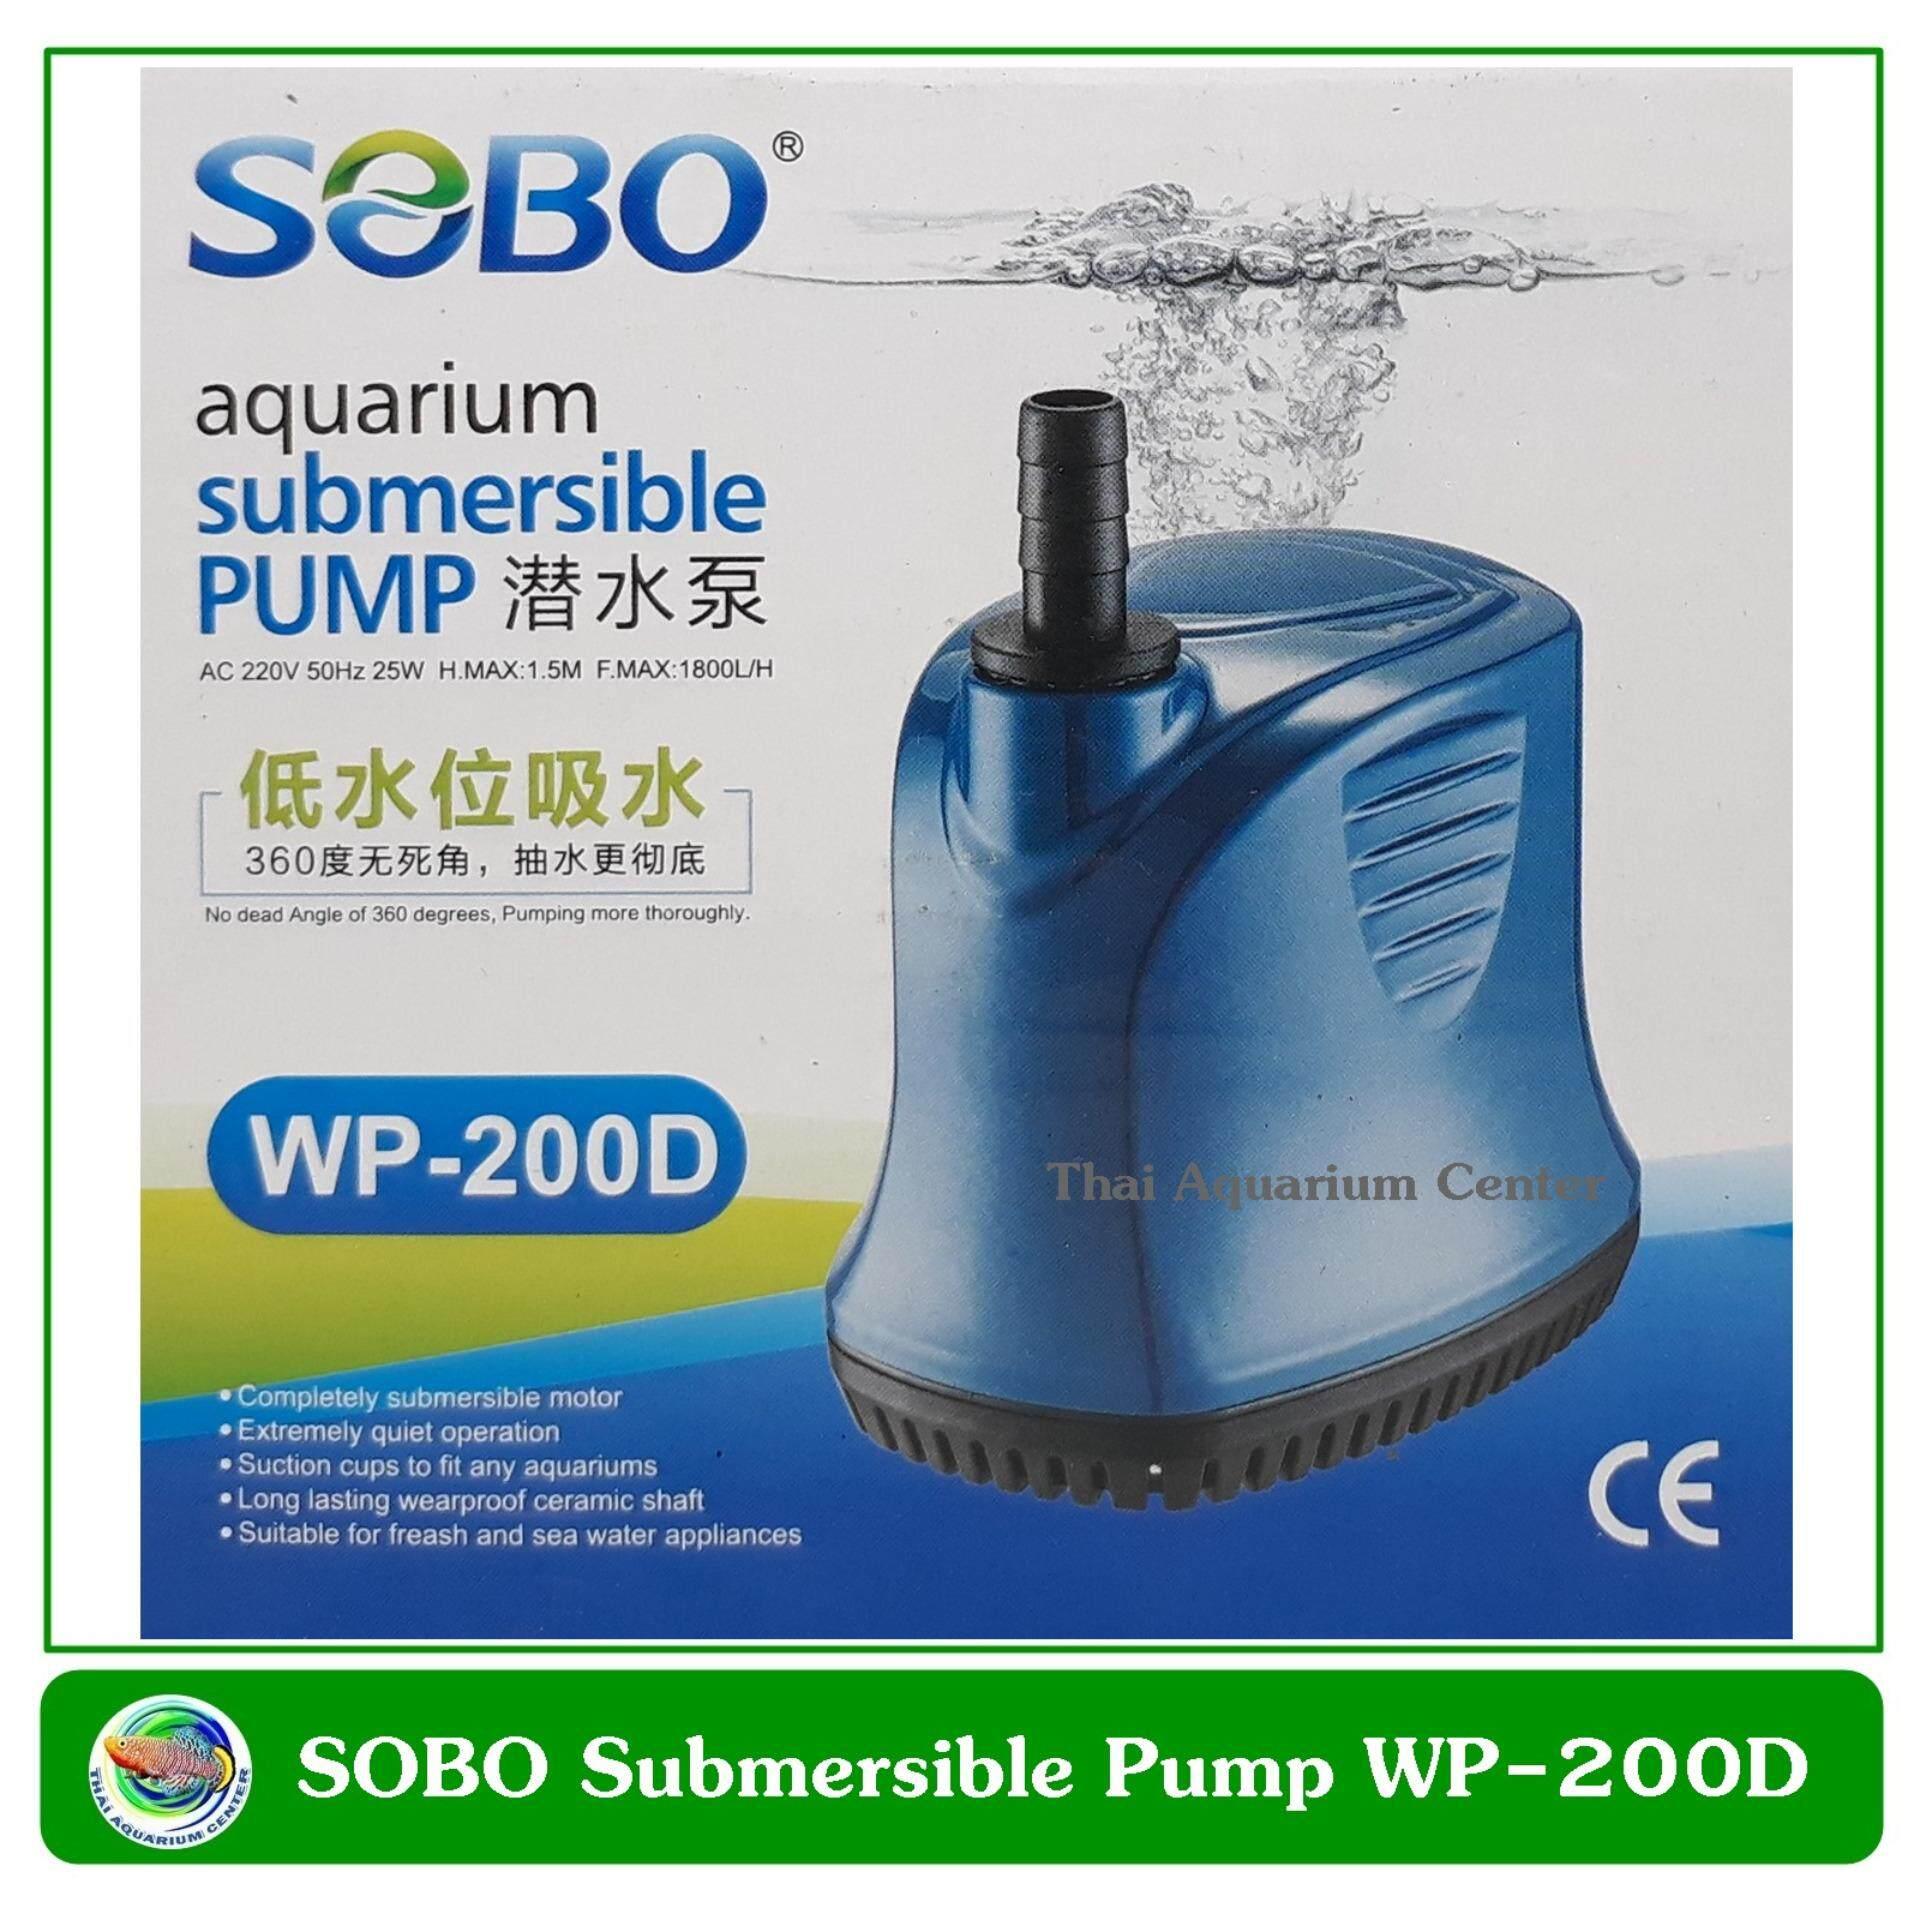 ราคา Sobo Wp 200D ปั๊มน้ำ ปั๊มแช่ ราคาถูกที่สุด